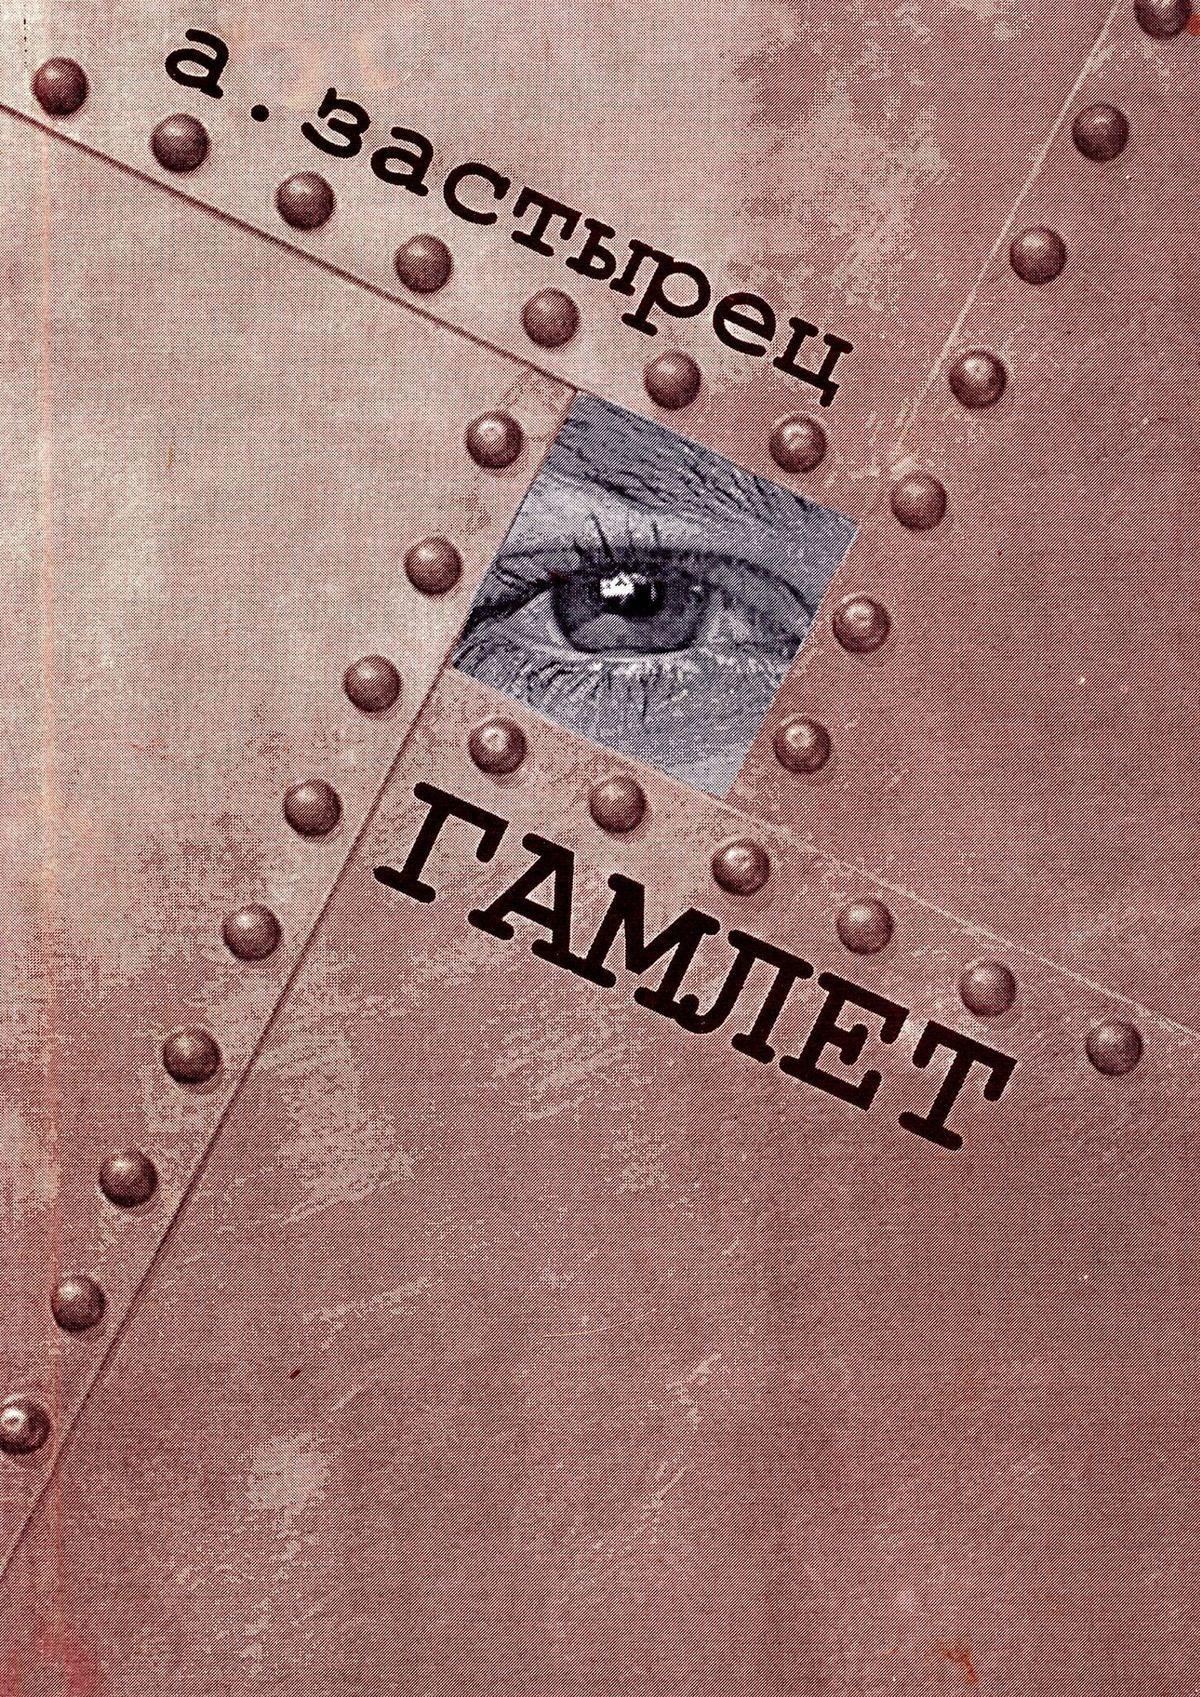 Аркадий Застырец - Гамлет. Эксцентрическая комедия впяти действиях